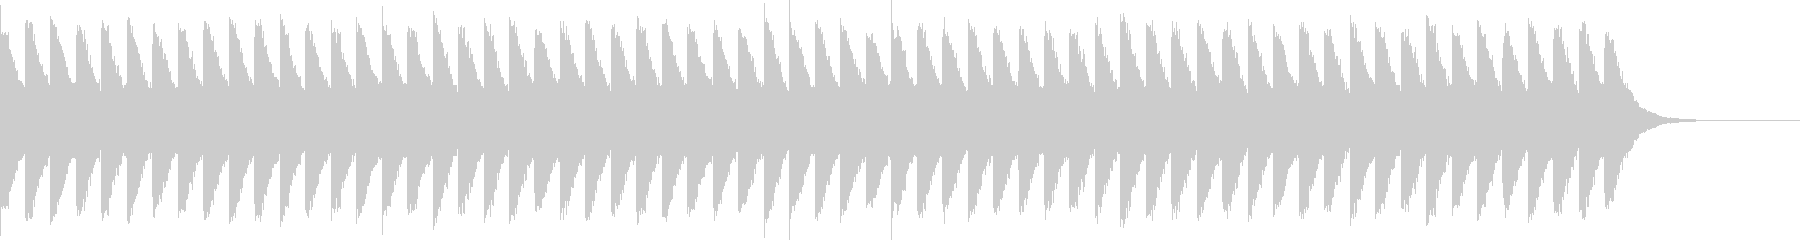 カンカンカン...。踏切D(低・長)の未再生の波形